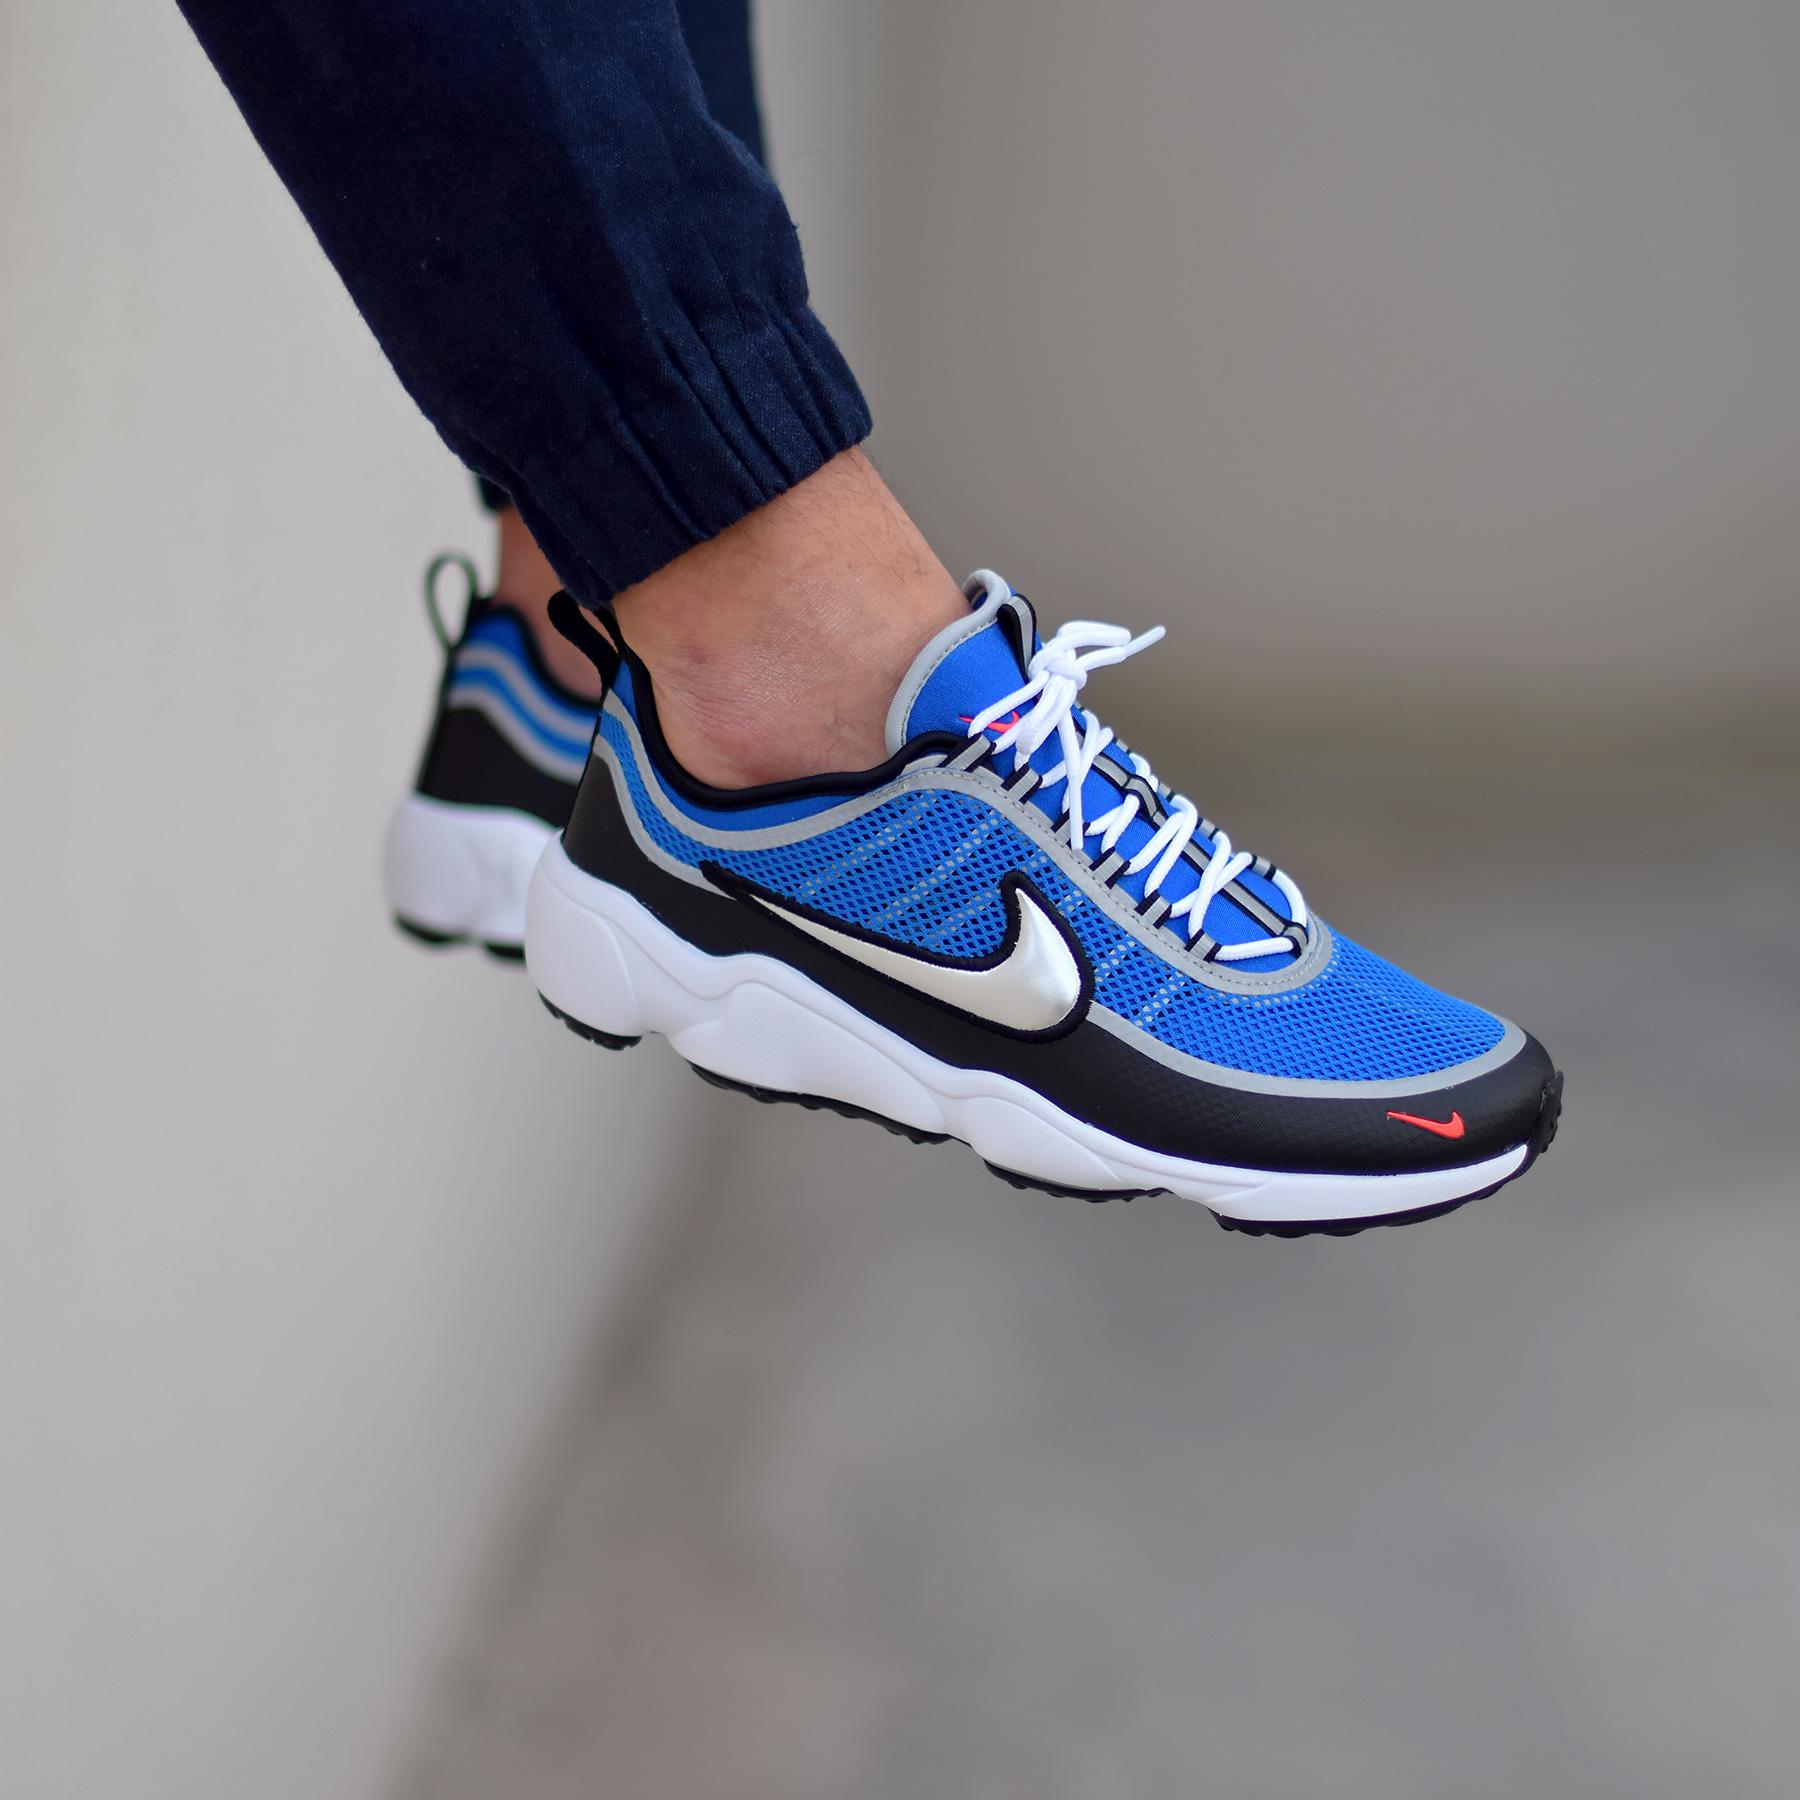 check out c0d80 59c17 La Nike Air Zoom Spiridon Ultra Regal Blue arrive pour le mois d avril 2017.